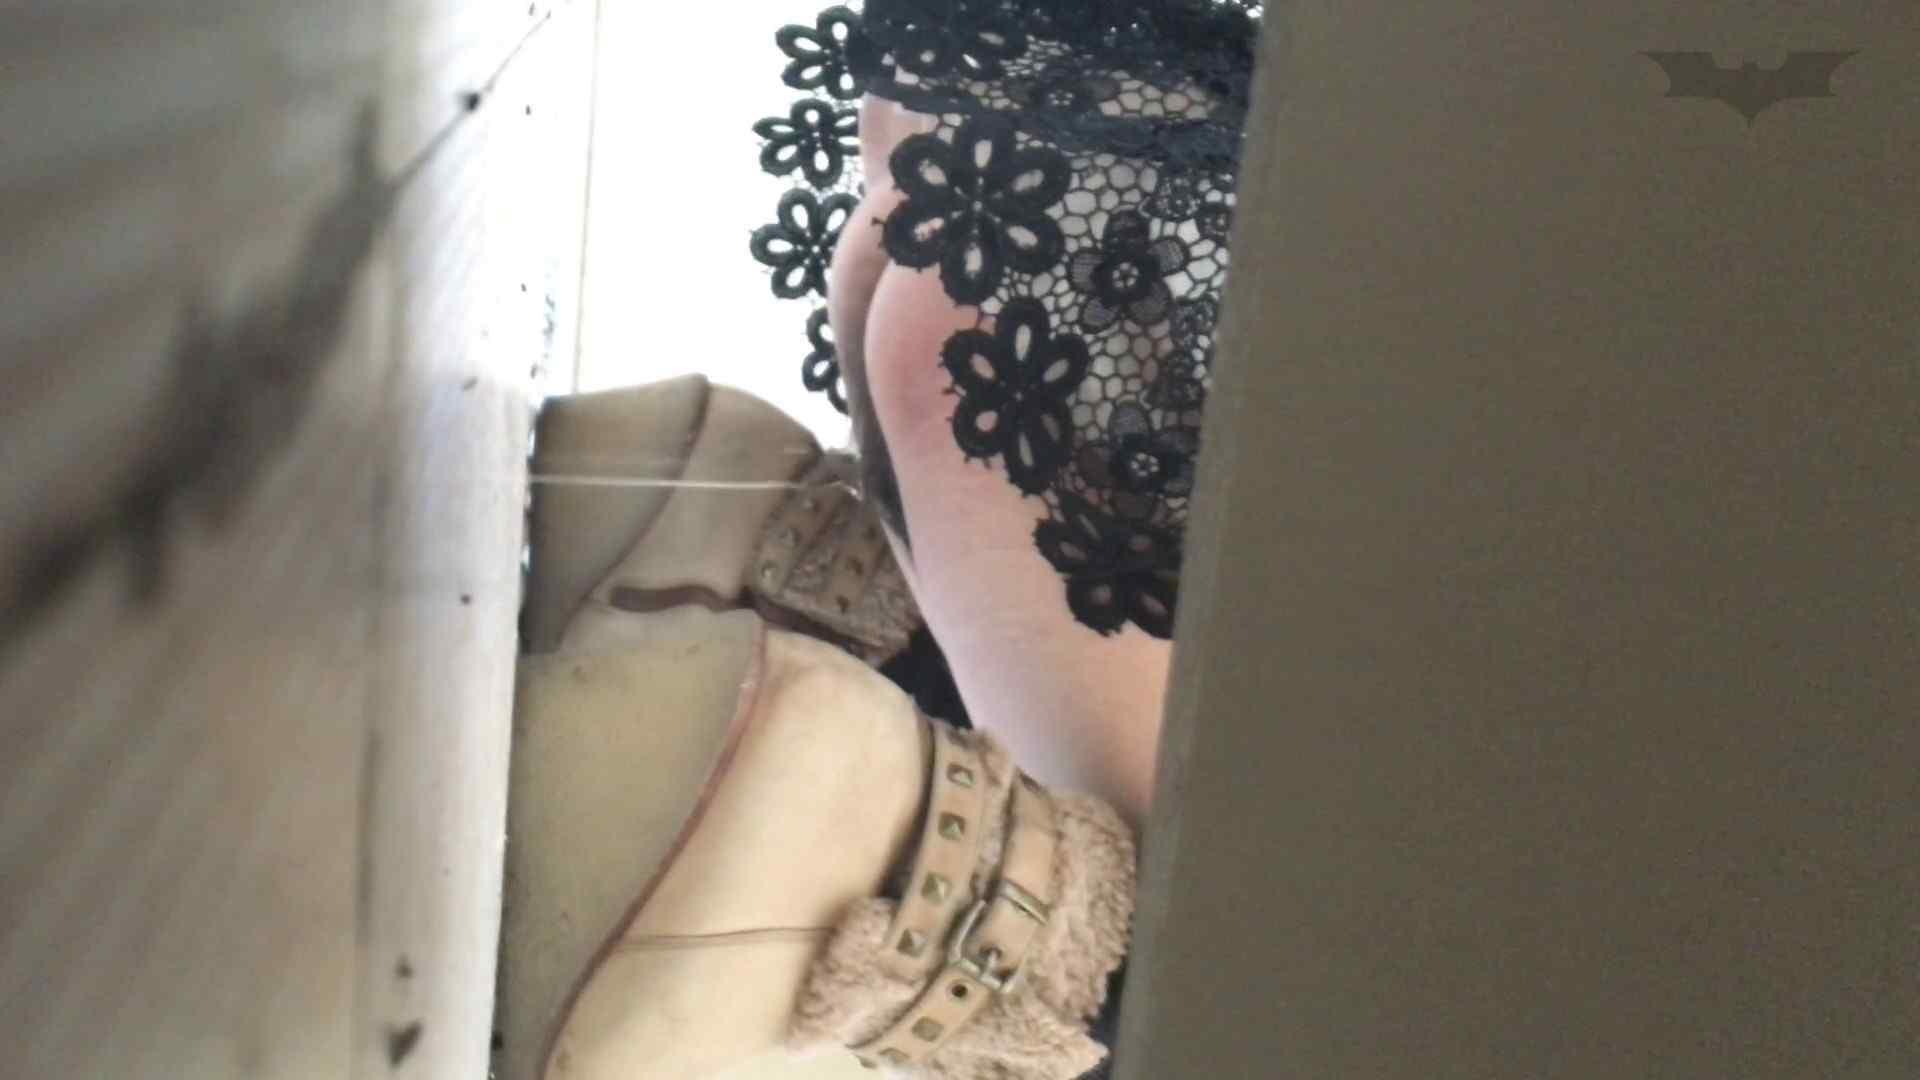 芸術大学ガチ潜入盗撮 JD盗撮 美女の洗面所の秘密 Vol.108 色っぽいOL達 セックス画像 95pic 44